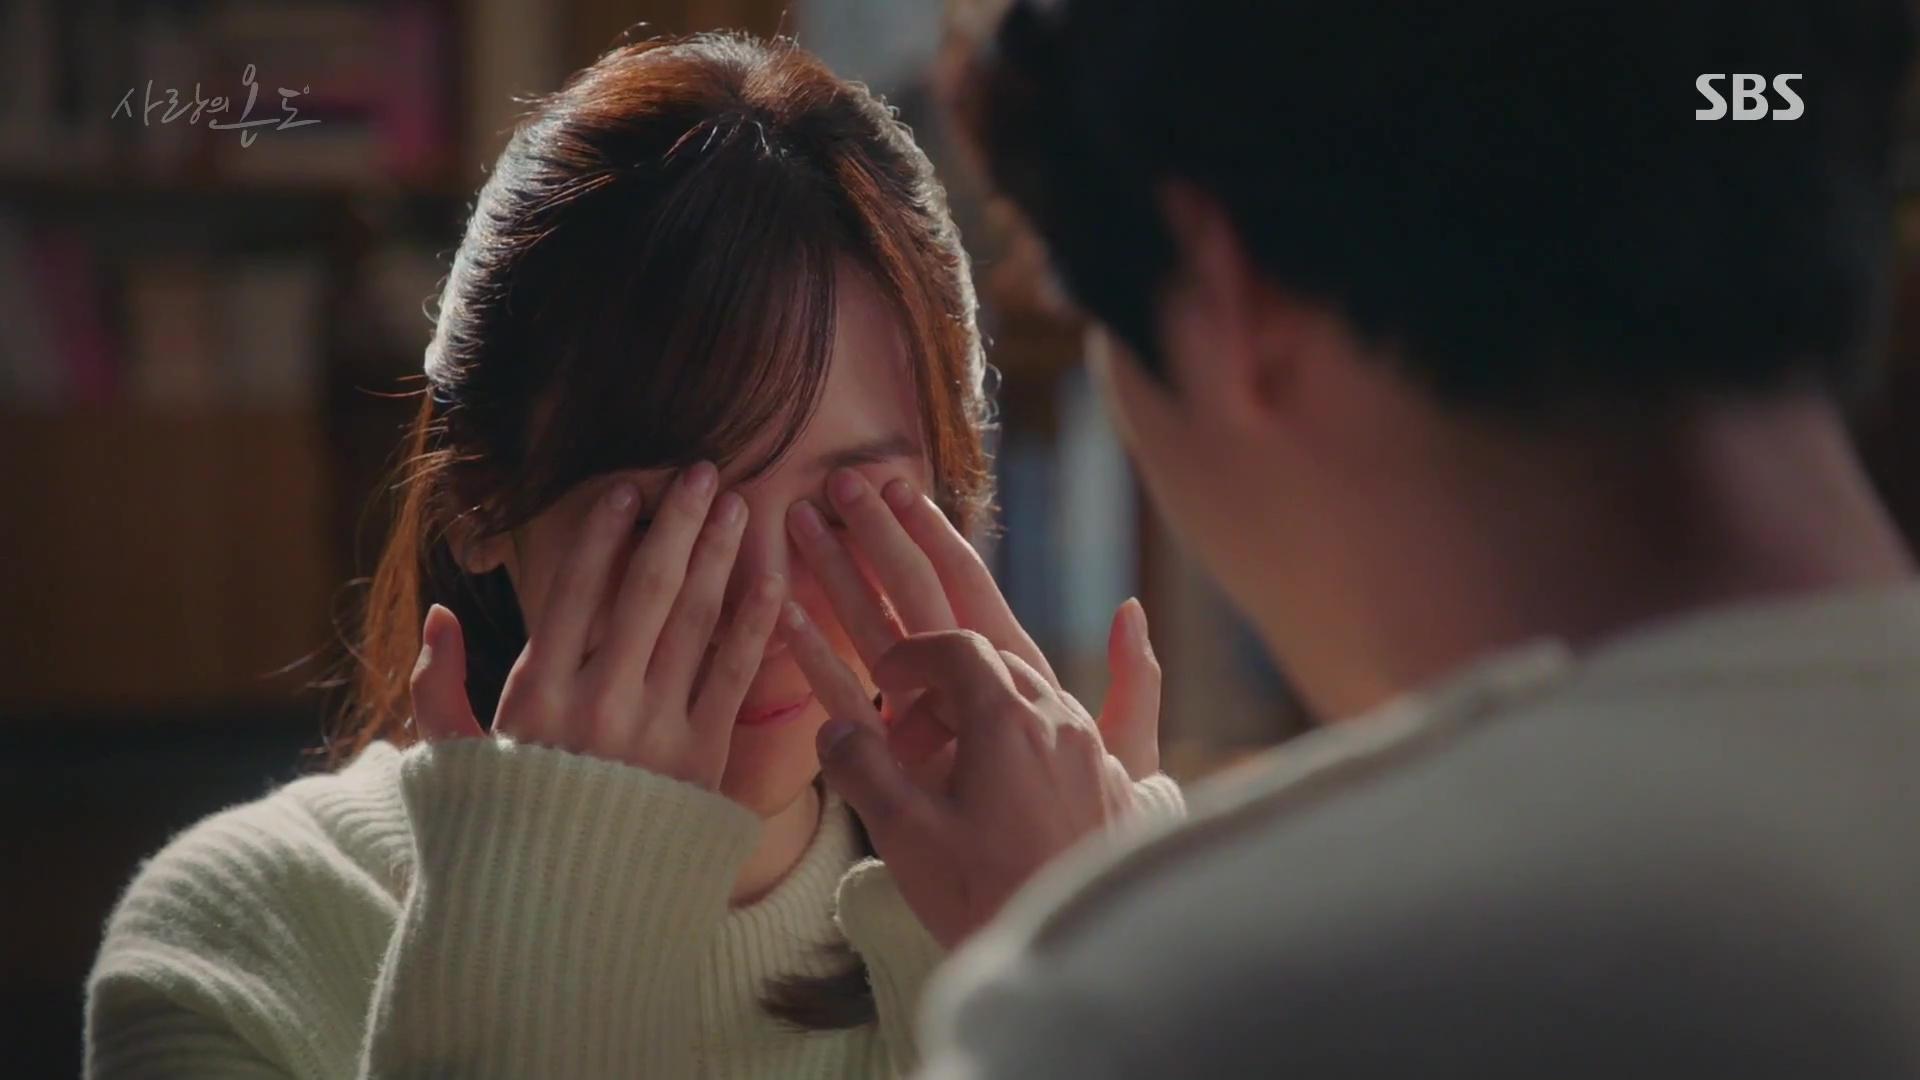 Bị nam chính bơ đẹp, yêu nữ số 1 Hàn Quốc nuốt không nổi cơm, quyết phục thù - Ảnh 12.